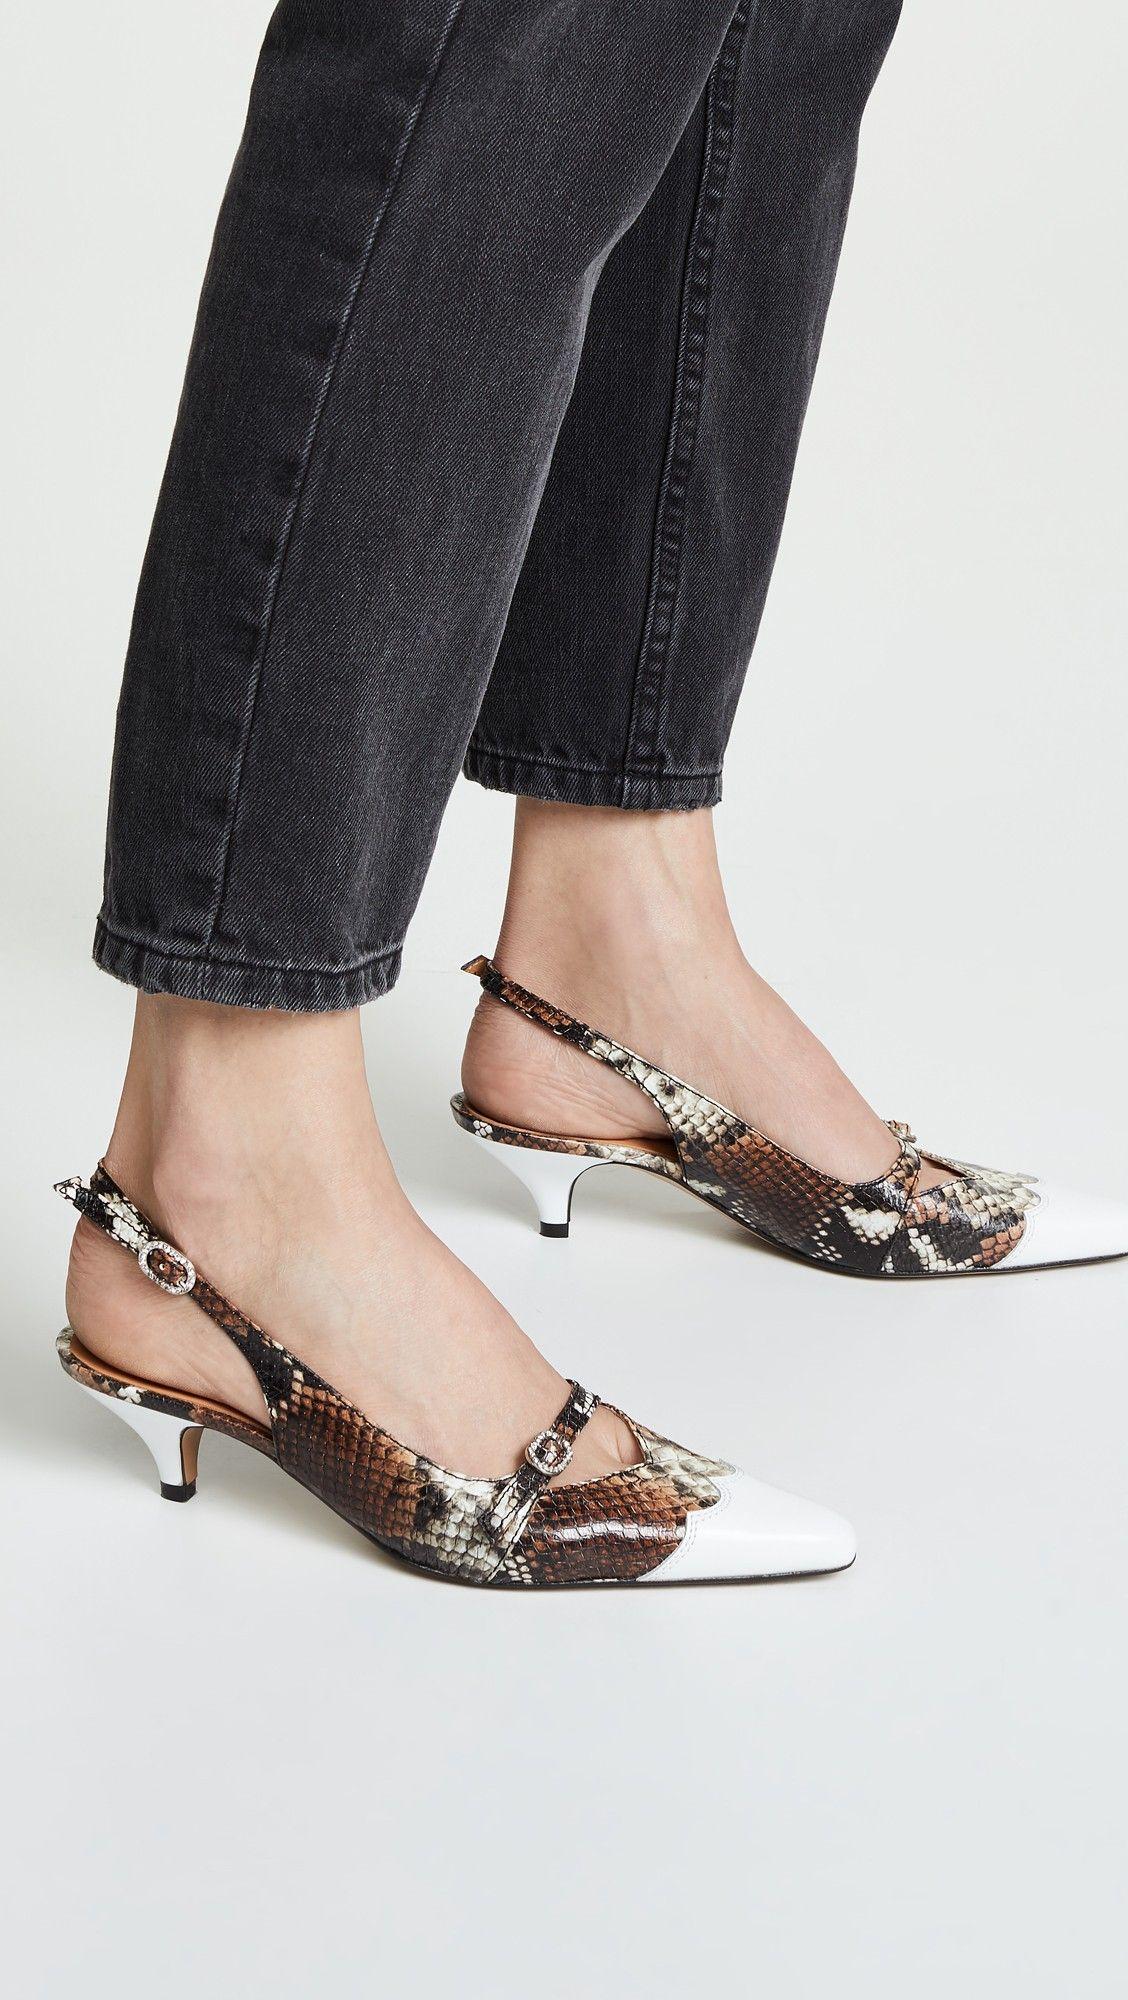 Ganni Snake Kitten Heels Shopbop Heels Kitten Heels Womens Fashion Shoes